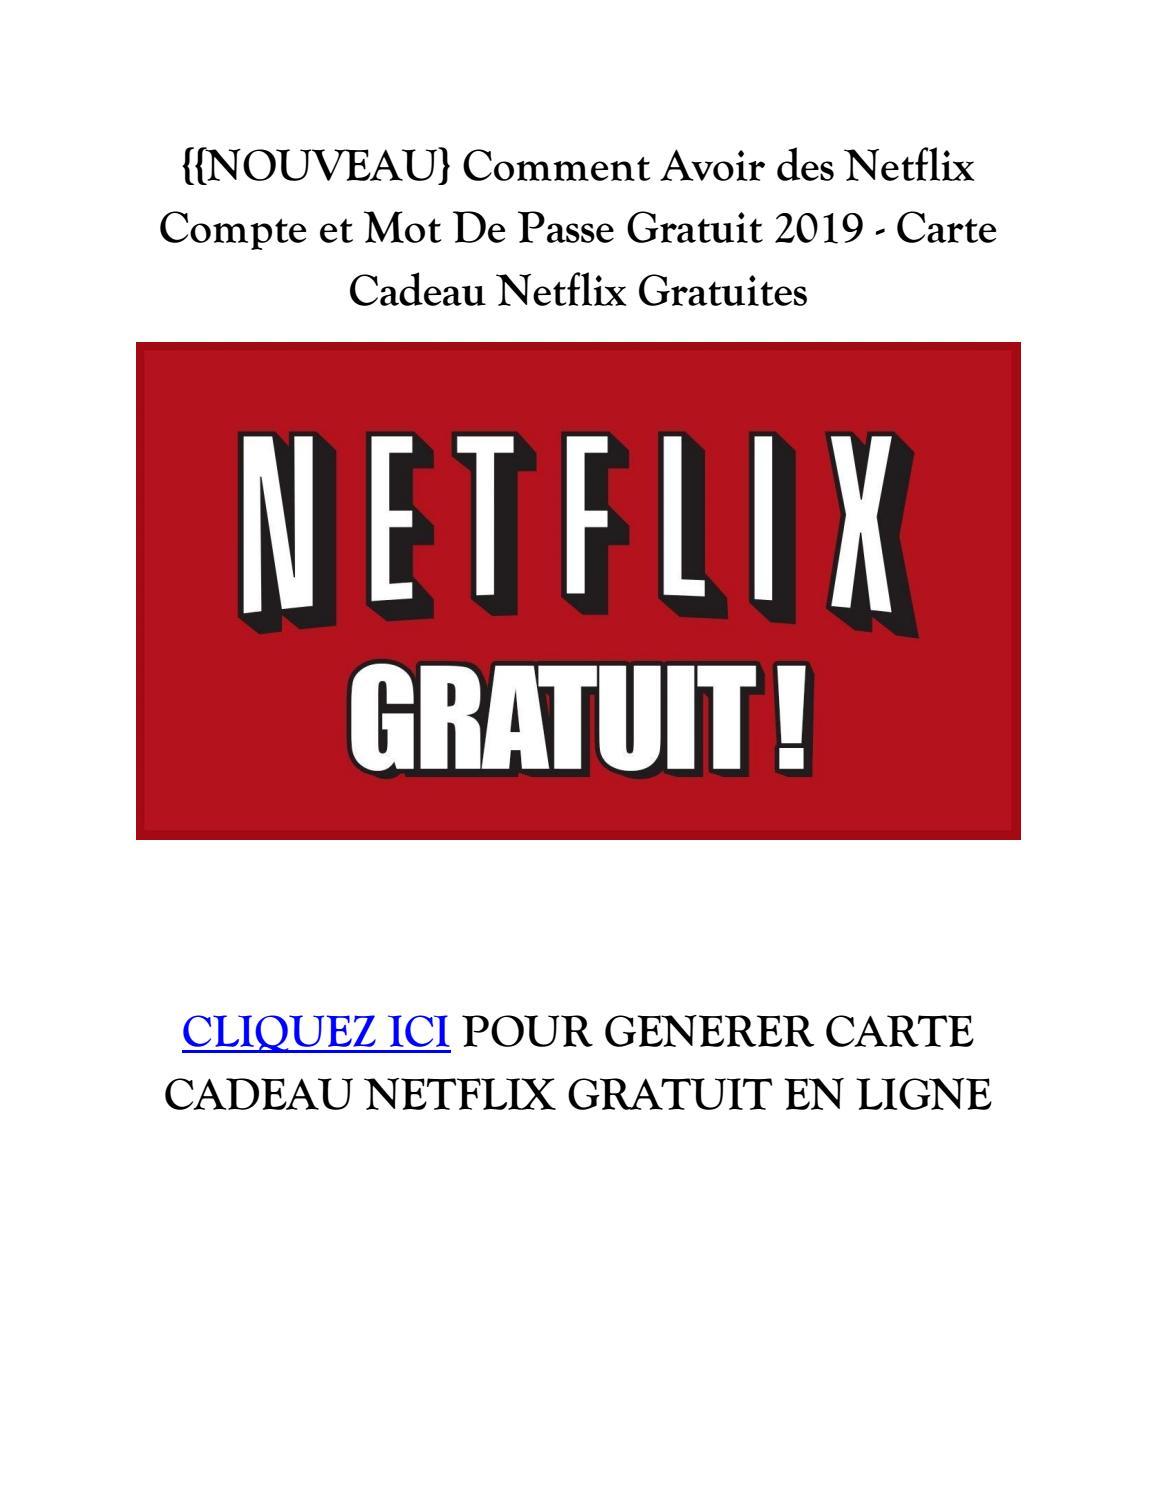 Carte Cadeau Netflix.Nouveau Netflix Comptes Gratuit 2019 Carte Cadeau